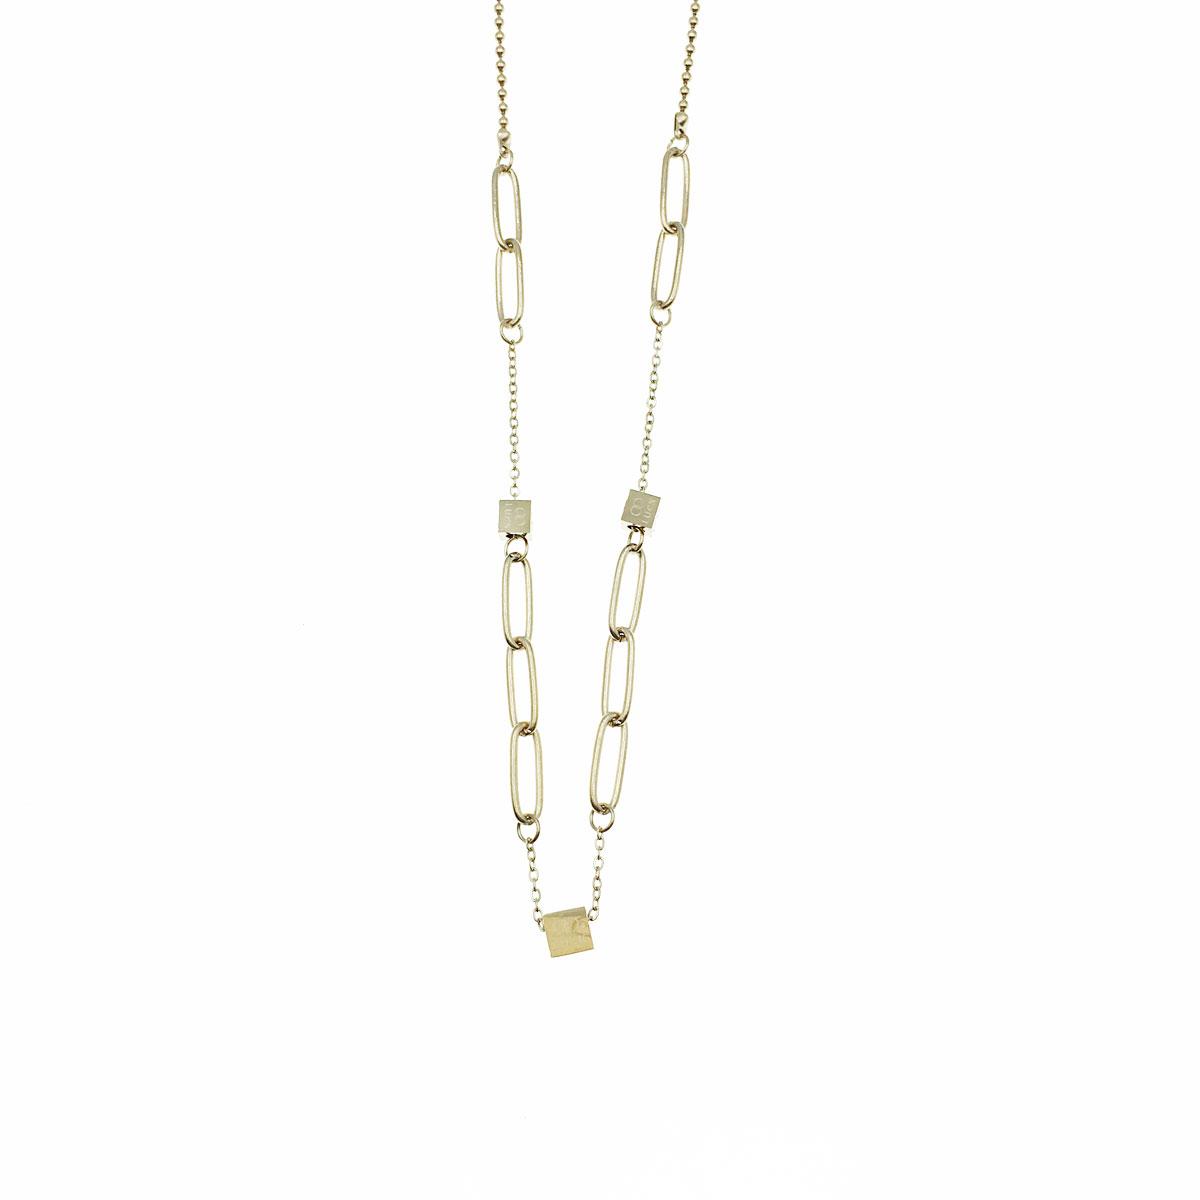 韓國 不銹鋼 英文 立體方形 鎖骨鍊 短鍊 項鍊 飾品